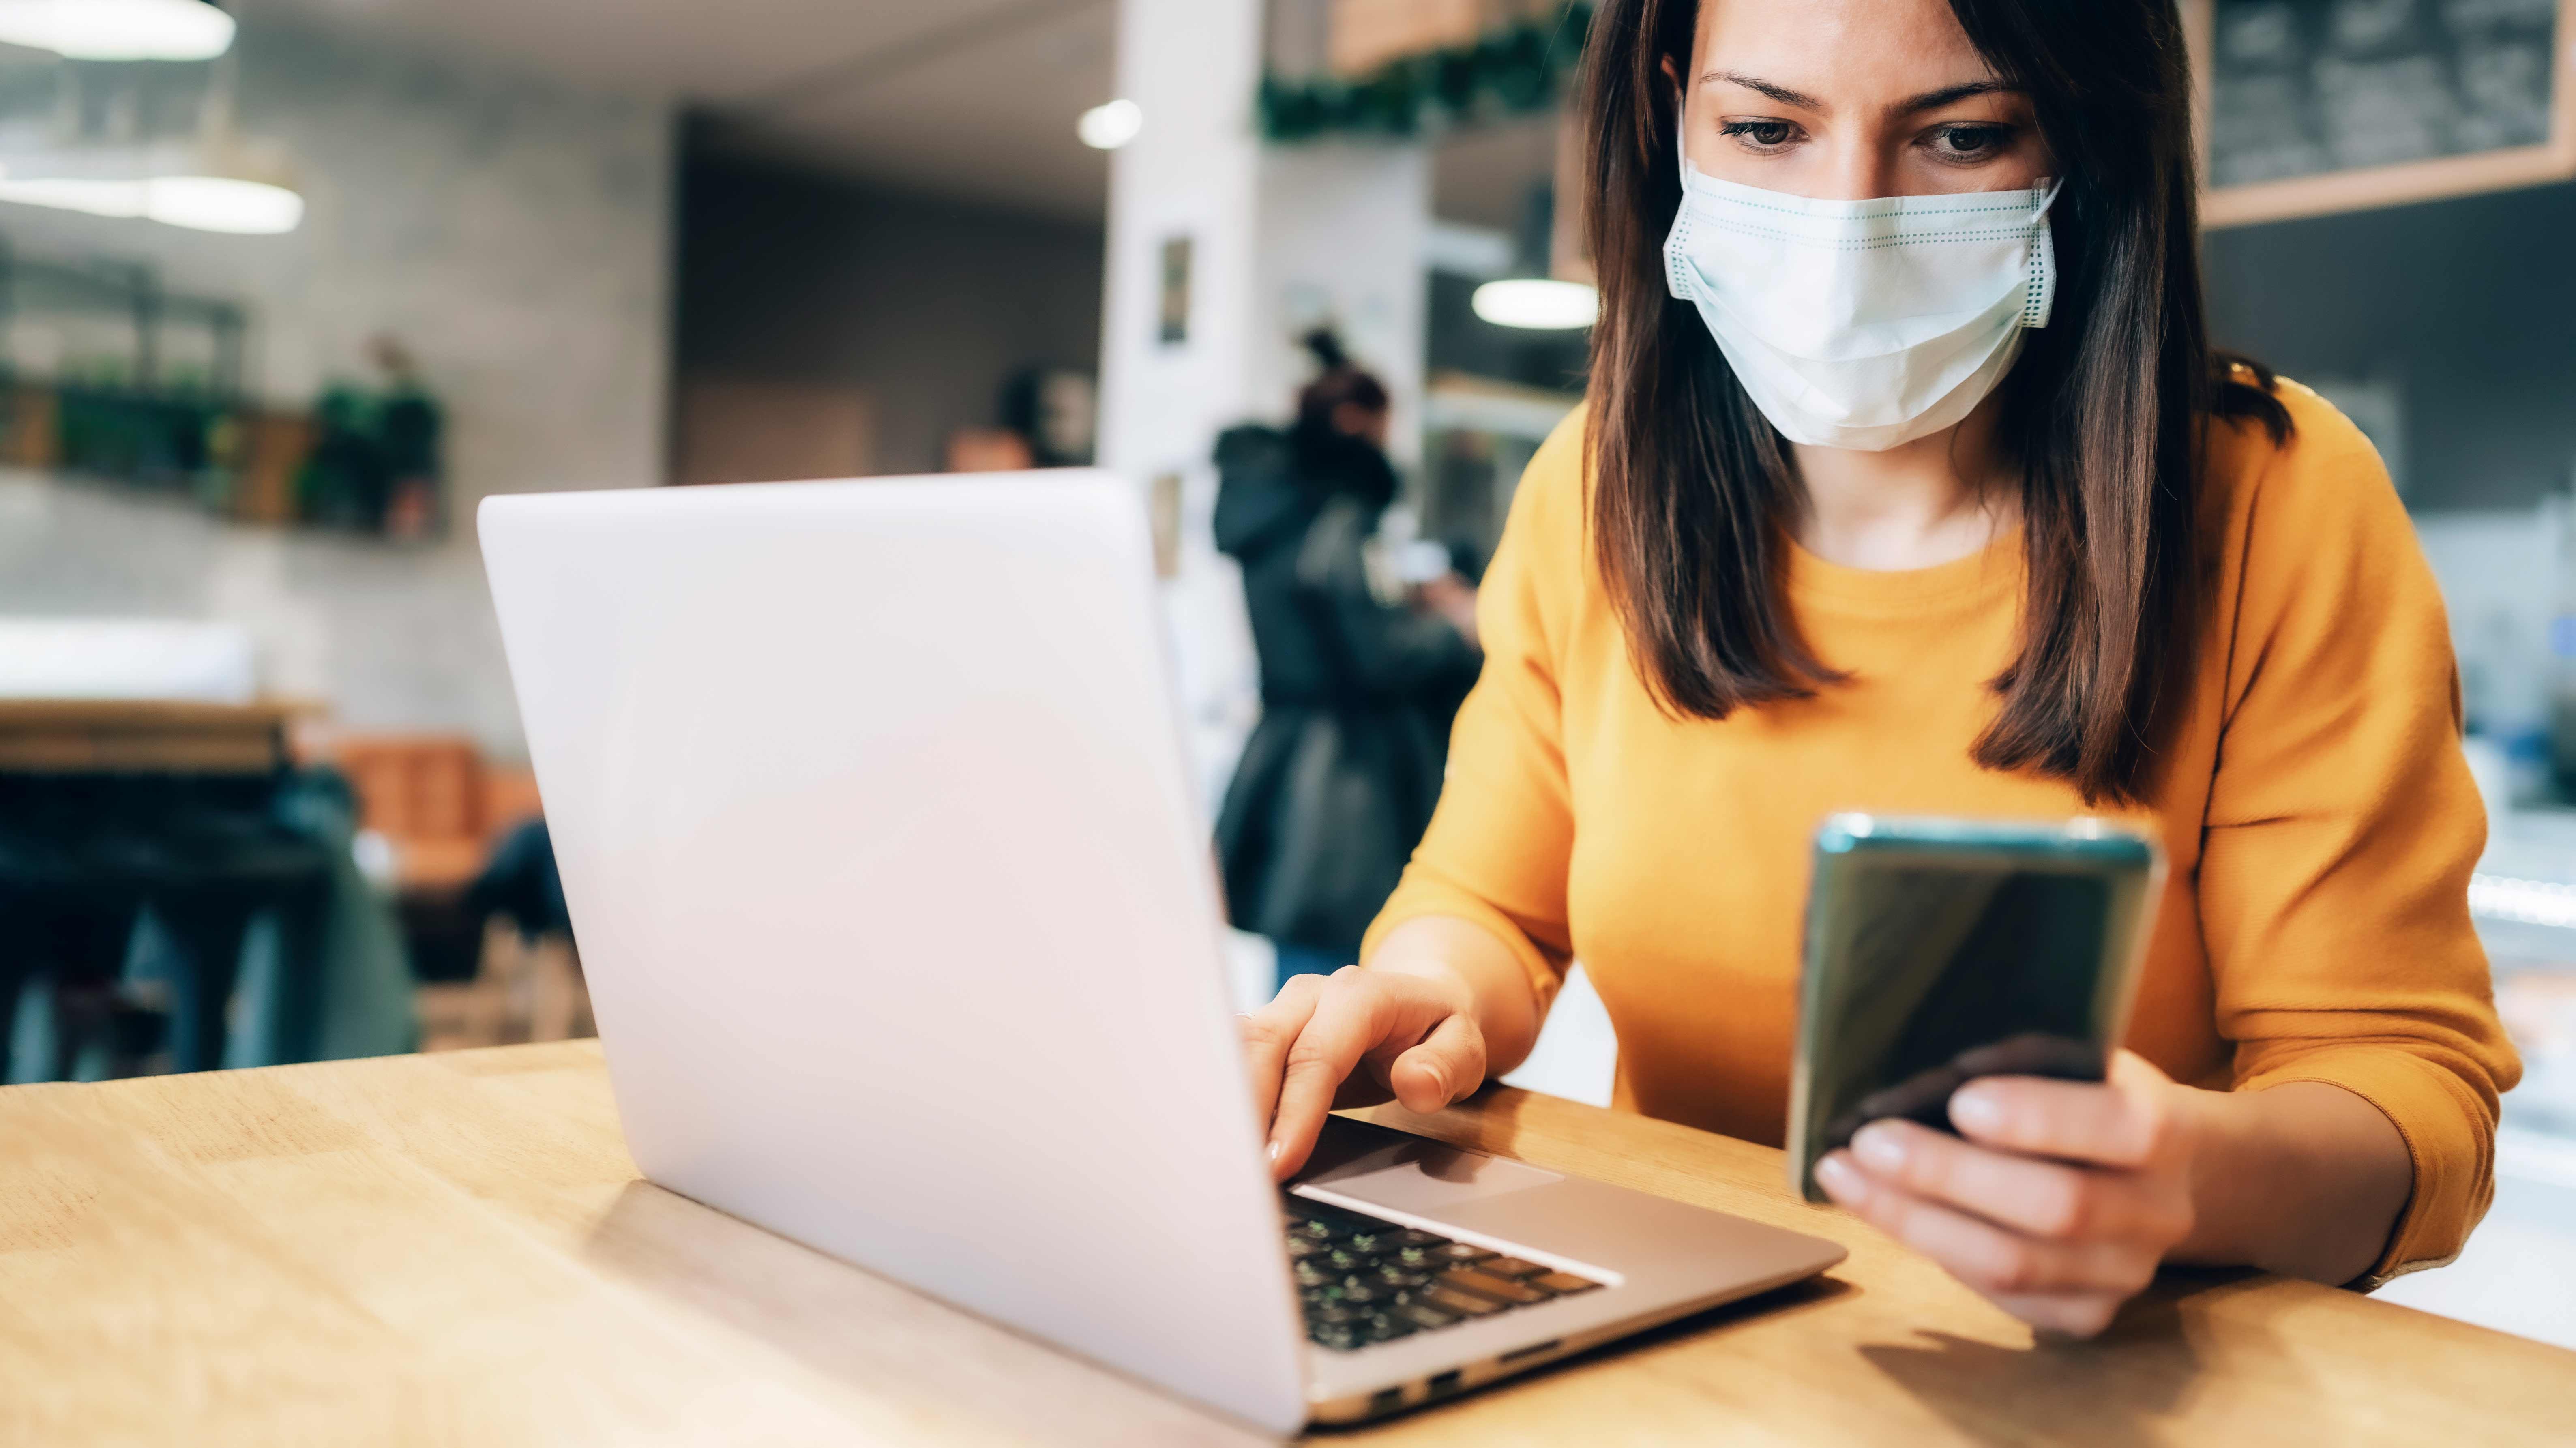 <p>Trabajo híbrido: plataformas tecnológicas refuerzan la seguridad en las oficinas</p>